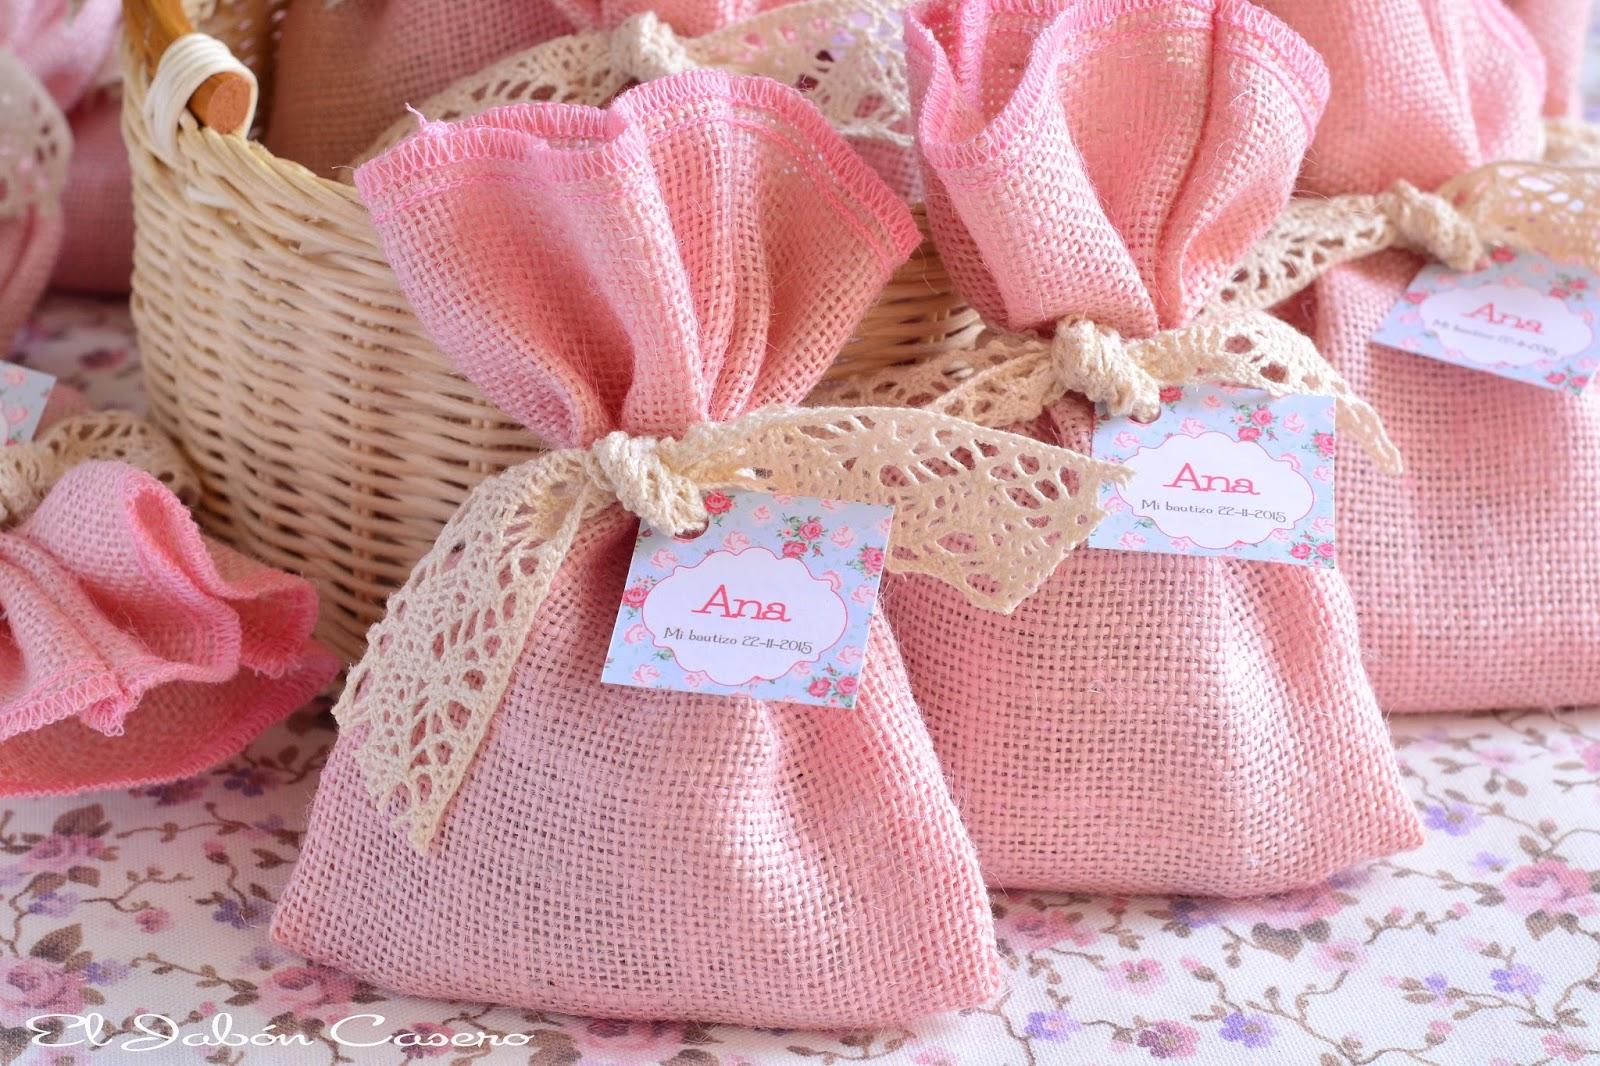 Decoracion Vintage Para Bautizo ~   de bautizo en rosa, bolsitas aromaticas vintage y jabones de karit?